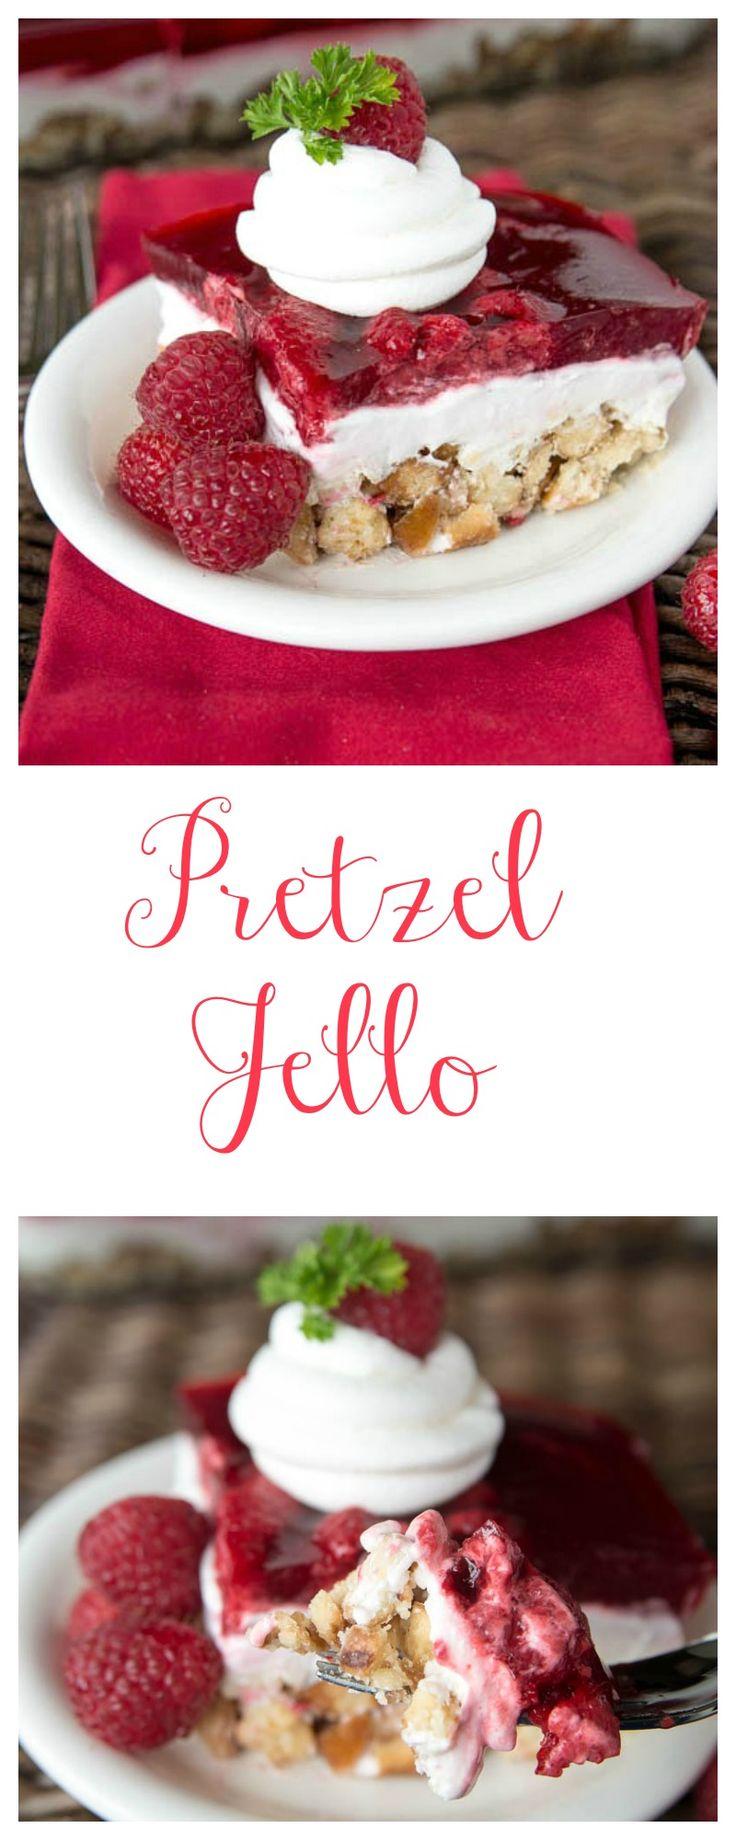 Healthy Pretzel Jello! You will have zero self-control around this healthy and creamy Pretzel Jello.